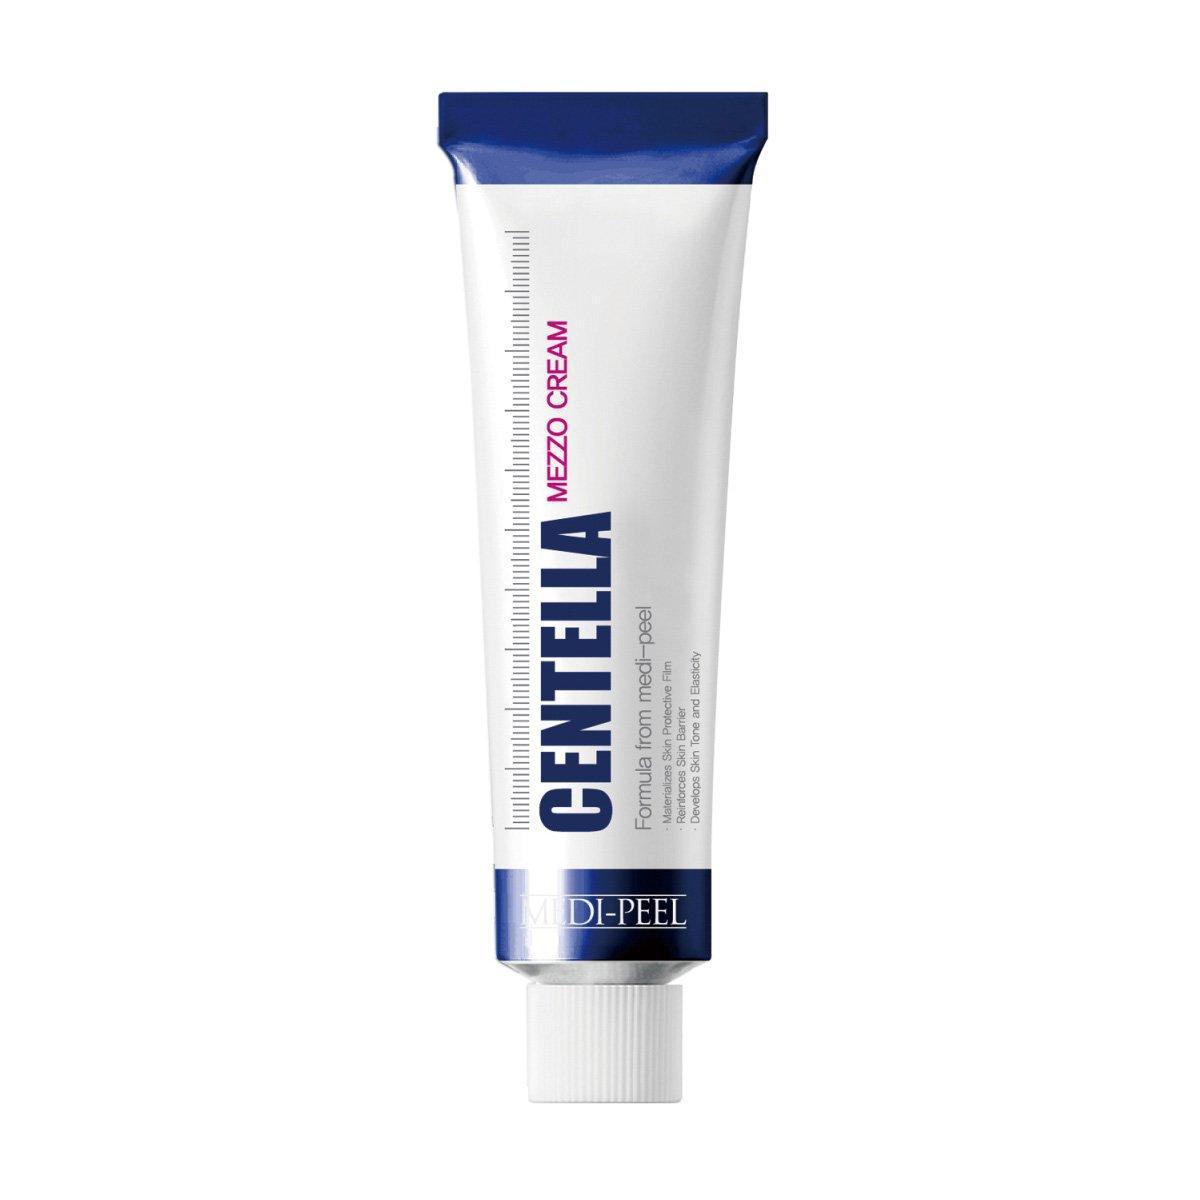 Успокаивающий крем с экстрактом центеллы для чувствительной кожи MEDI-PEEL Centella Mezzo Cream 30мл